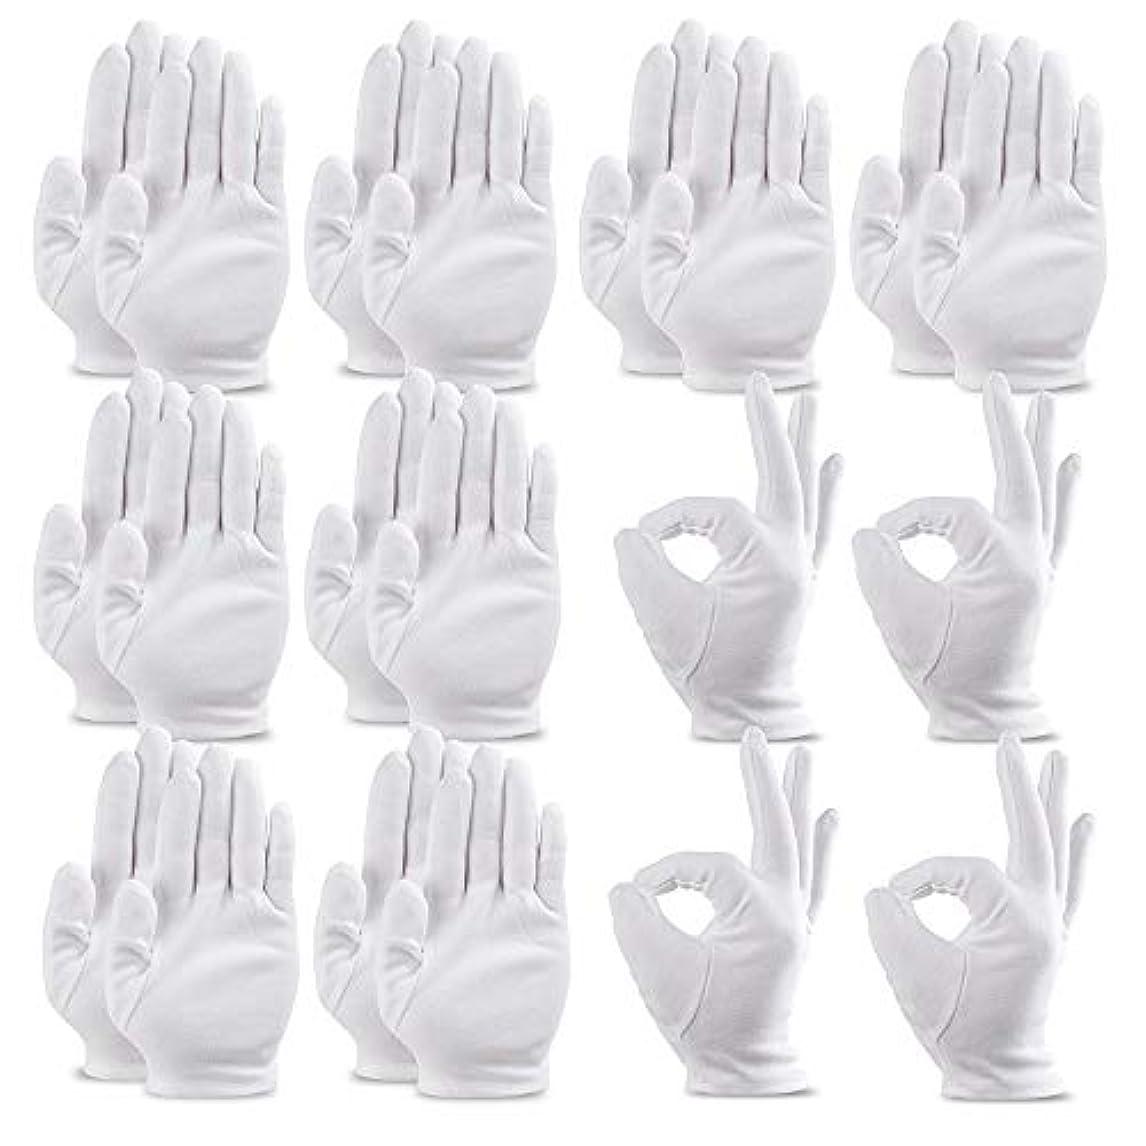 ハチまたね毎月20枚入手袋 綿手袋 乾燥肌用 湿疹用 保湿用 コットン手袋 インナーコットン 手荒れ イズ